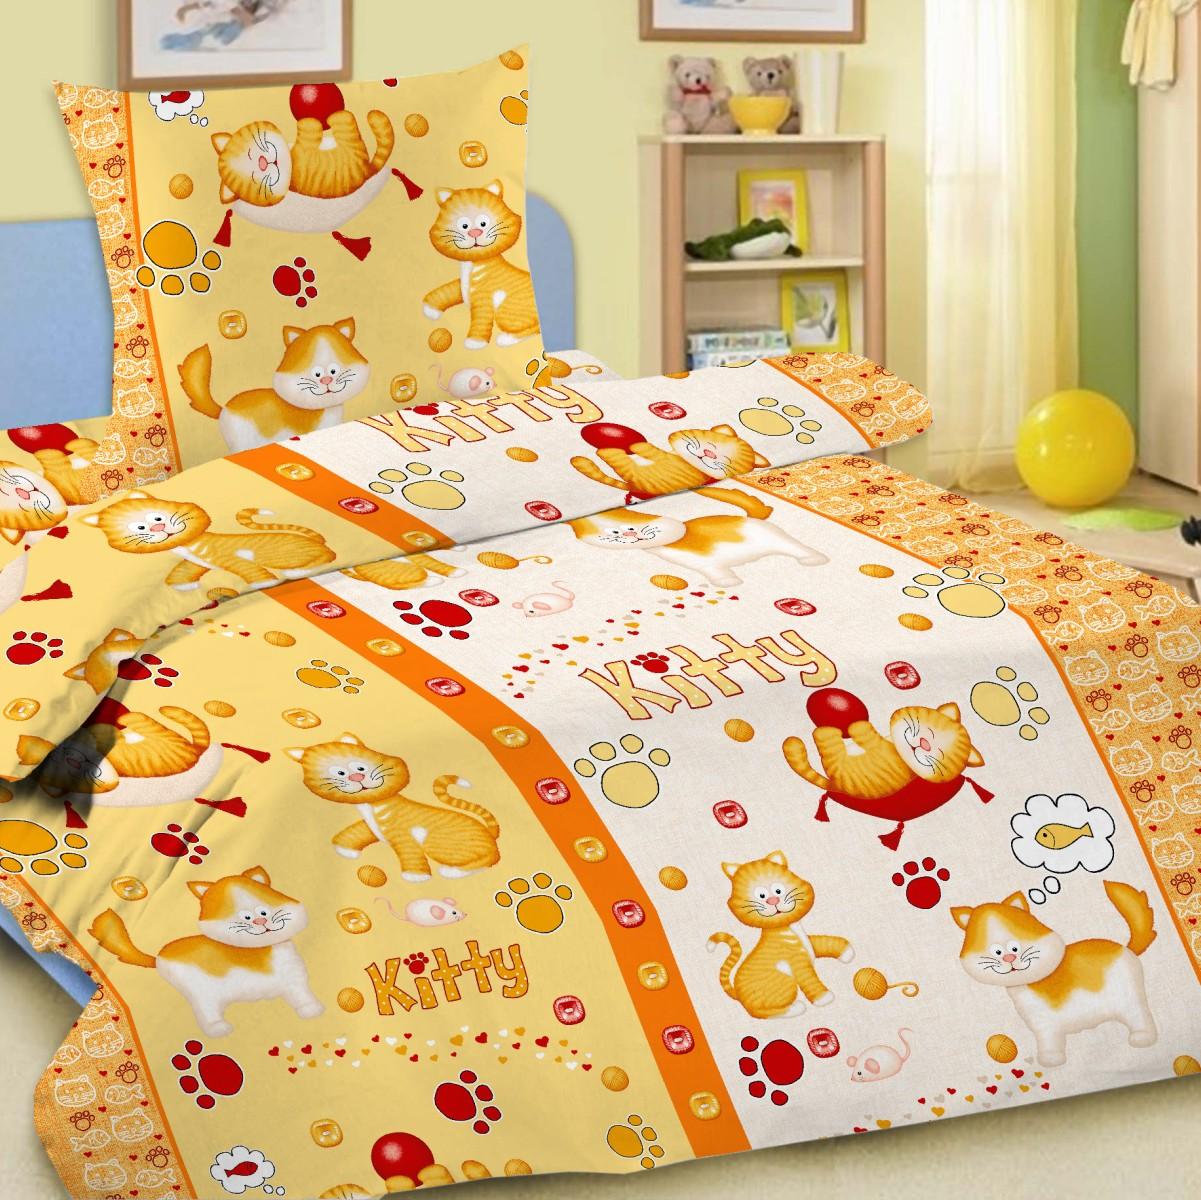 Letto Комплект детского постельного белья Китти цвет желтыйkitty_yellow-50Letto.kids - это веселые детские и подростковые дизайны, в хлопковом исполнении с хорошими устойчивыми красителями и все это по очень доступной цене! Такое белье прослужит долго и выдержит много стирок. Рисунок на наволочке может отличаться от представленного на фото.